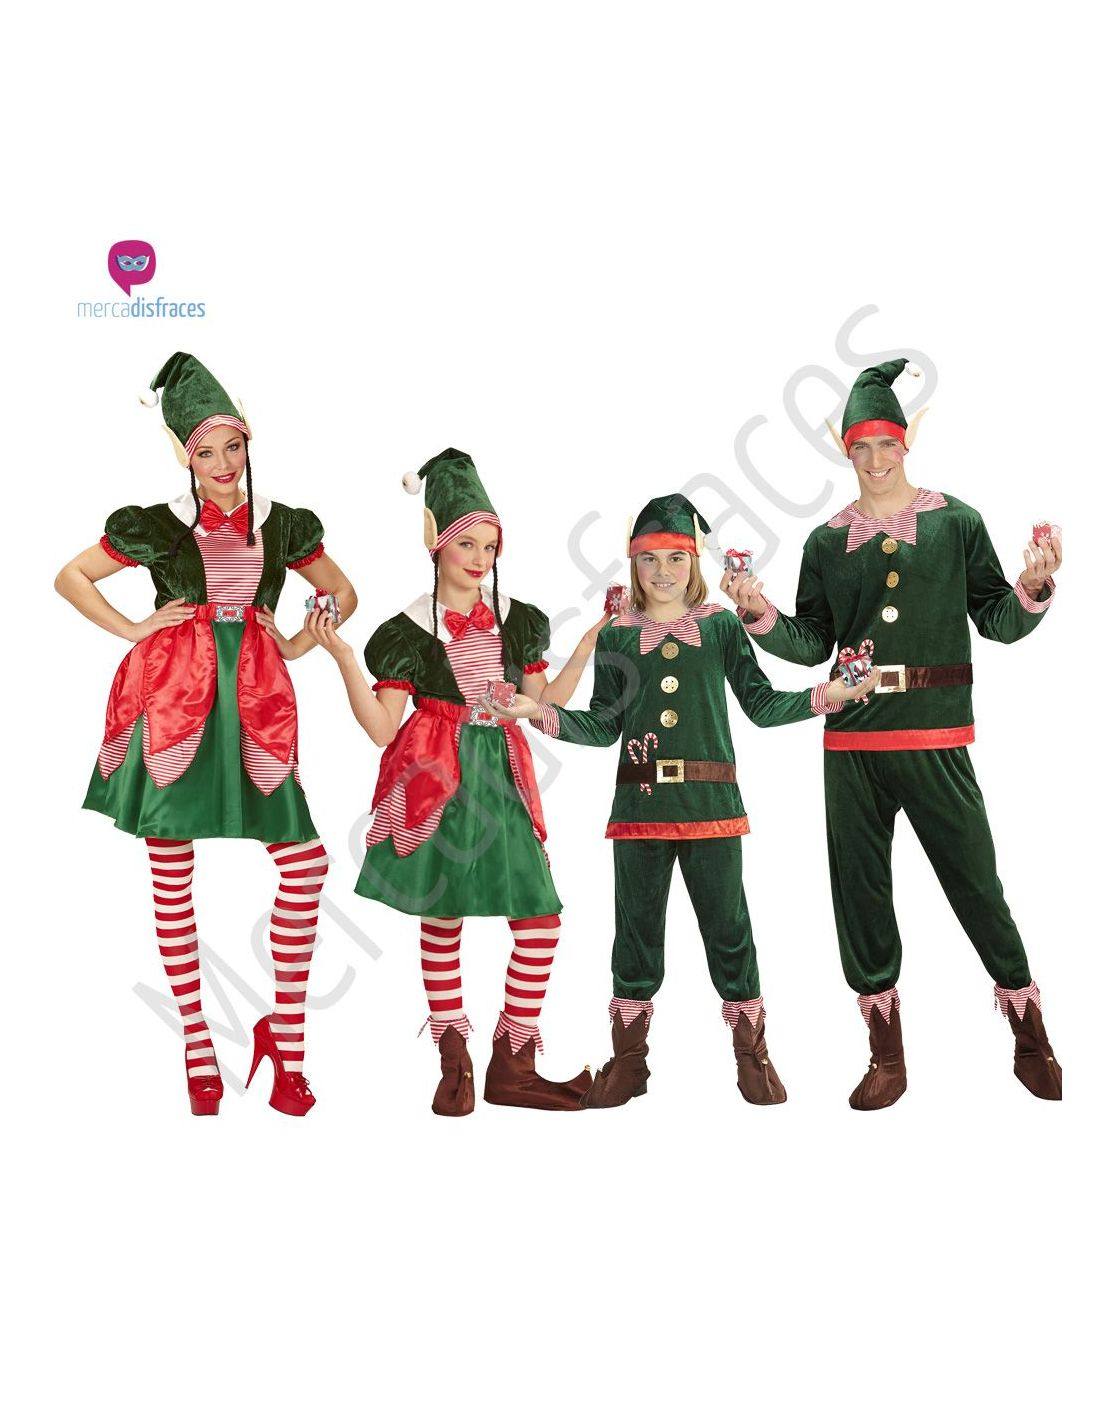 Disfraces grupos elfos navide os tienda de disfraces online - Disfraces duendes navidenos ...